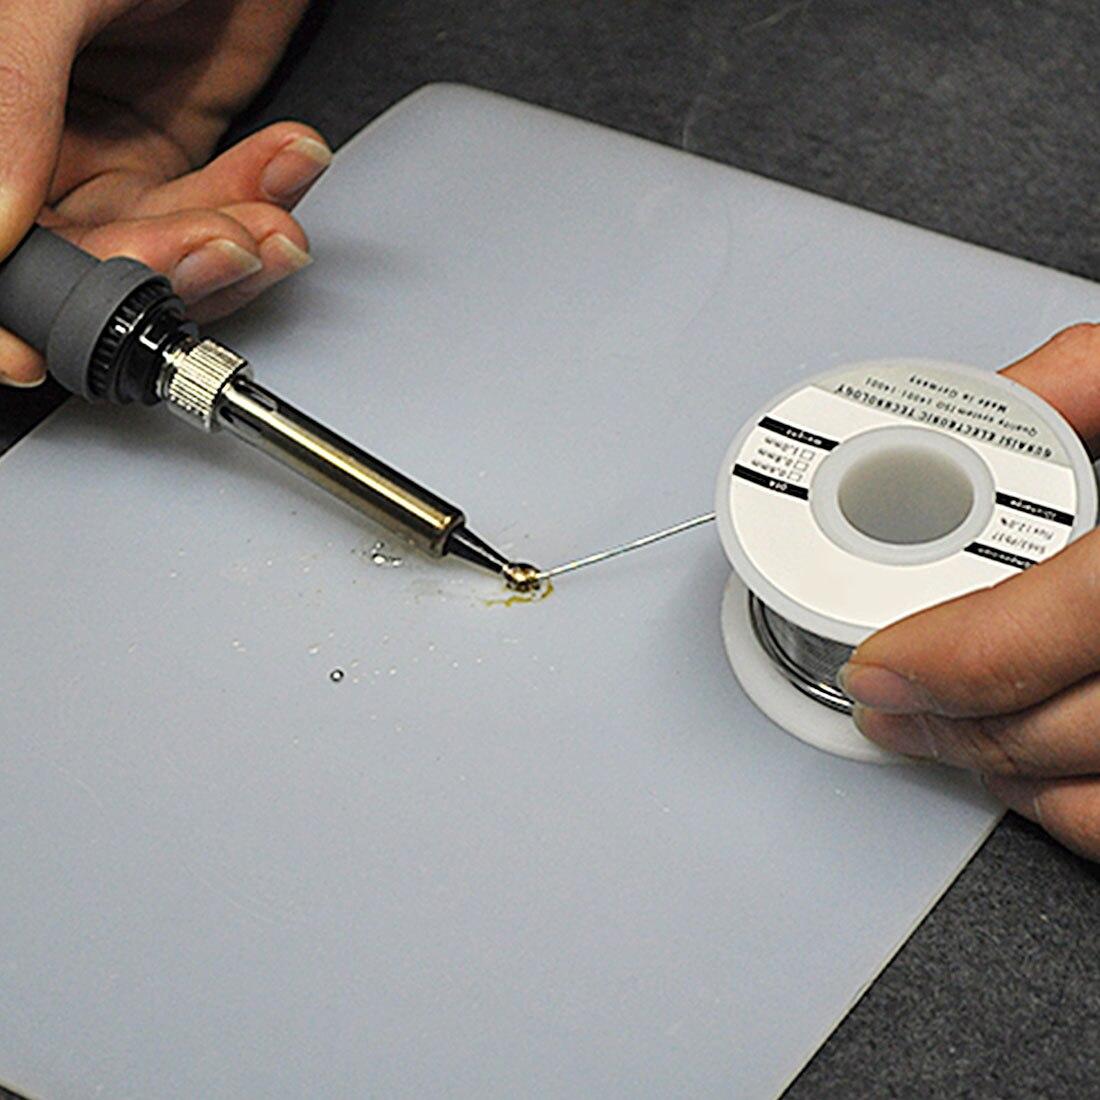 Изоляционный коврик для ремонта теплоизоляционной панели, ремонтные инструменты для платформы для пайки, термостойкие